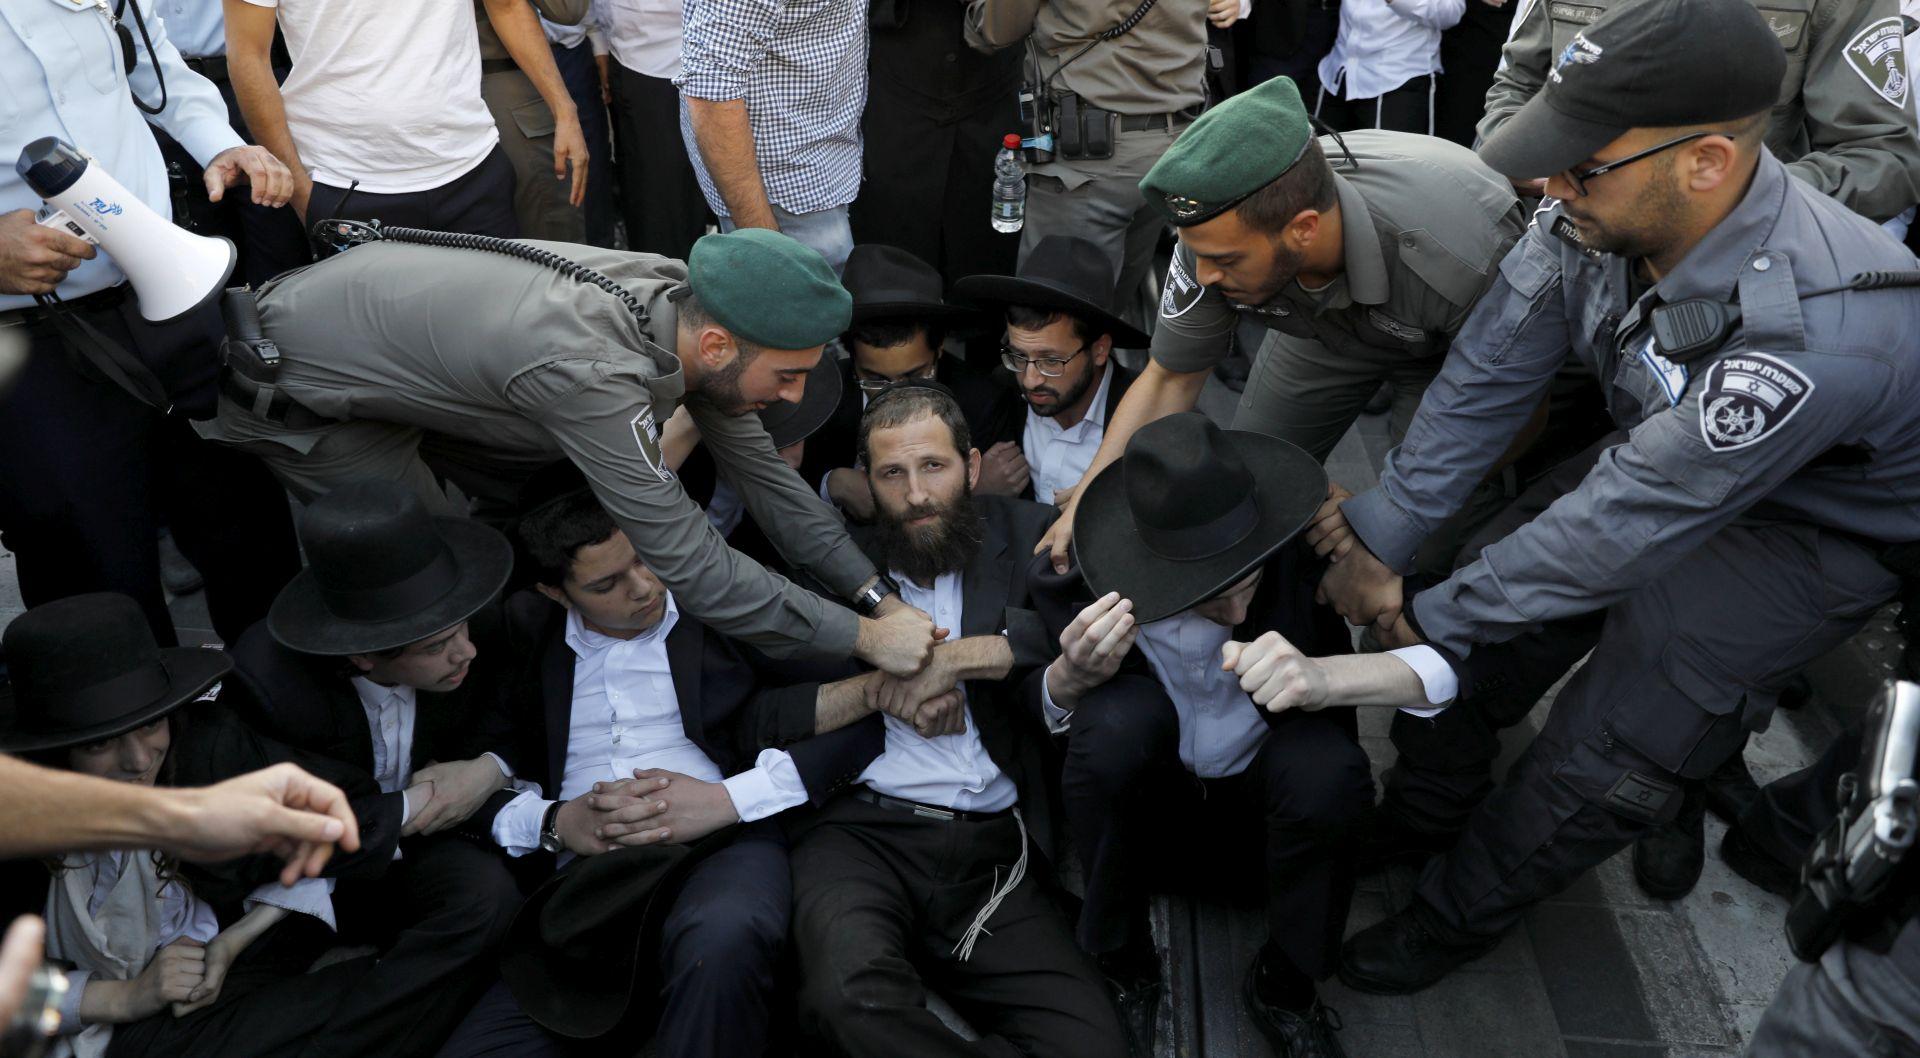 IZRAEL Tisuće prosvjeduju protiv obaveznog služenja vojnog roka